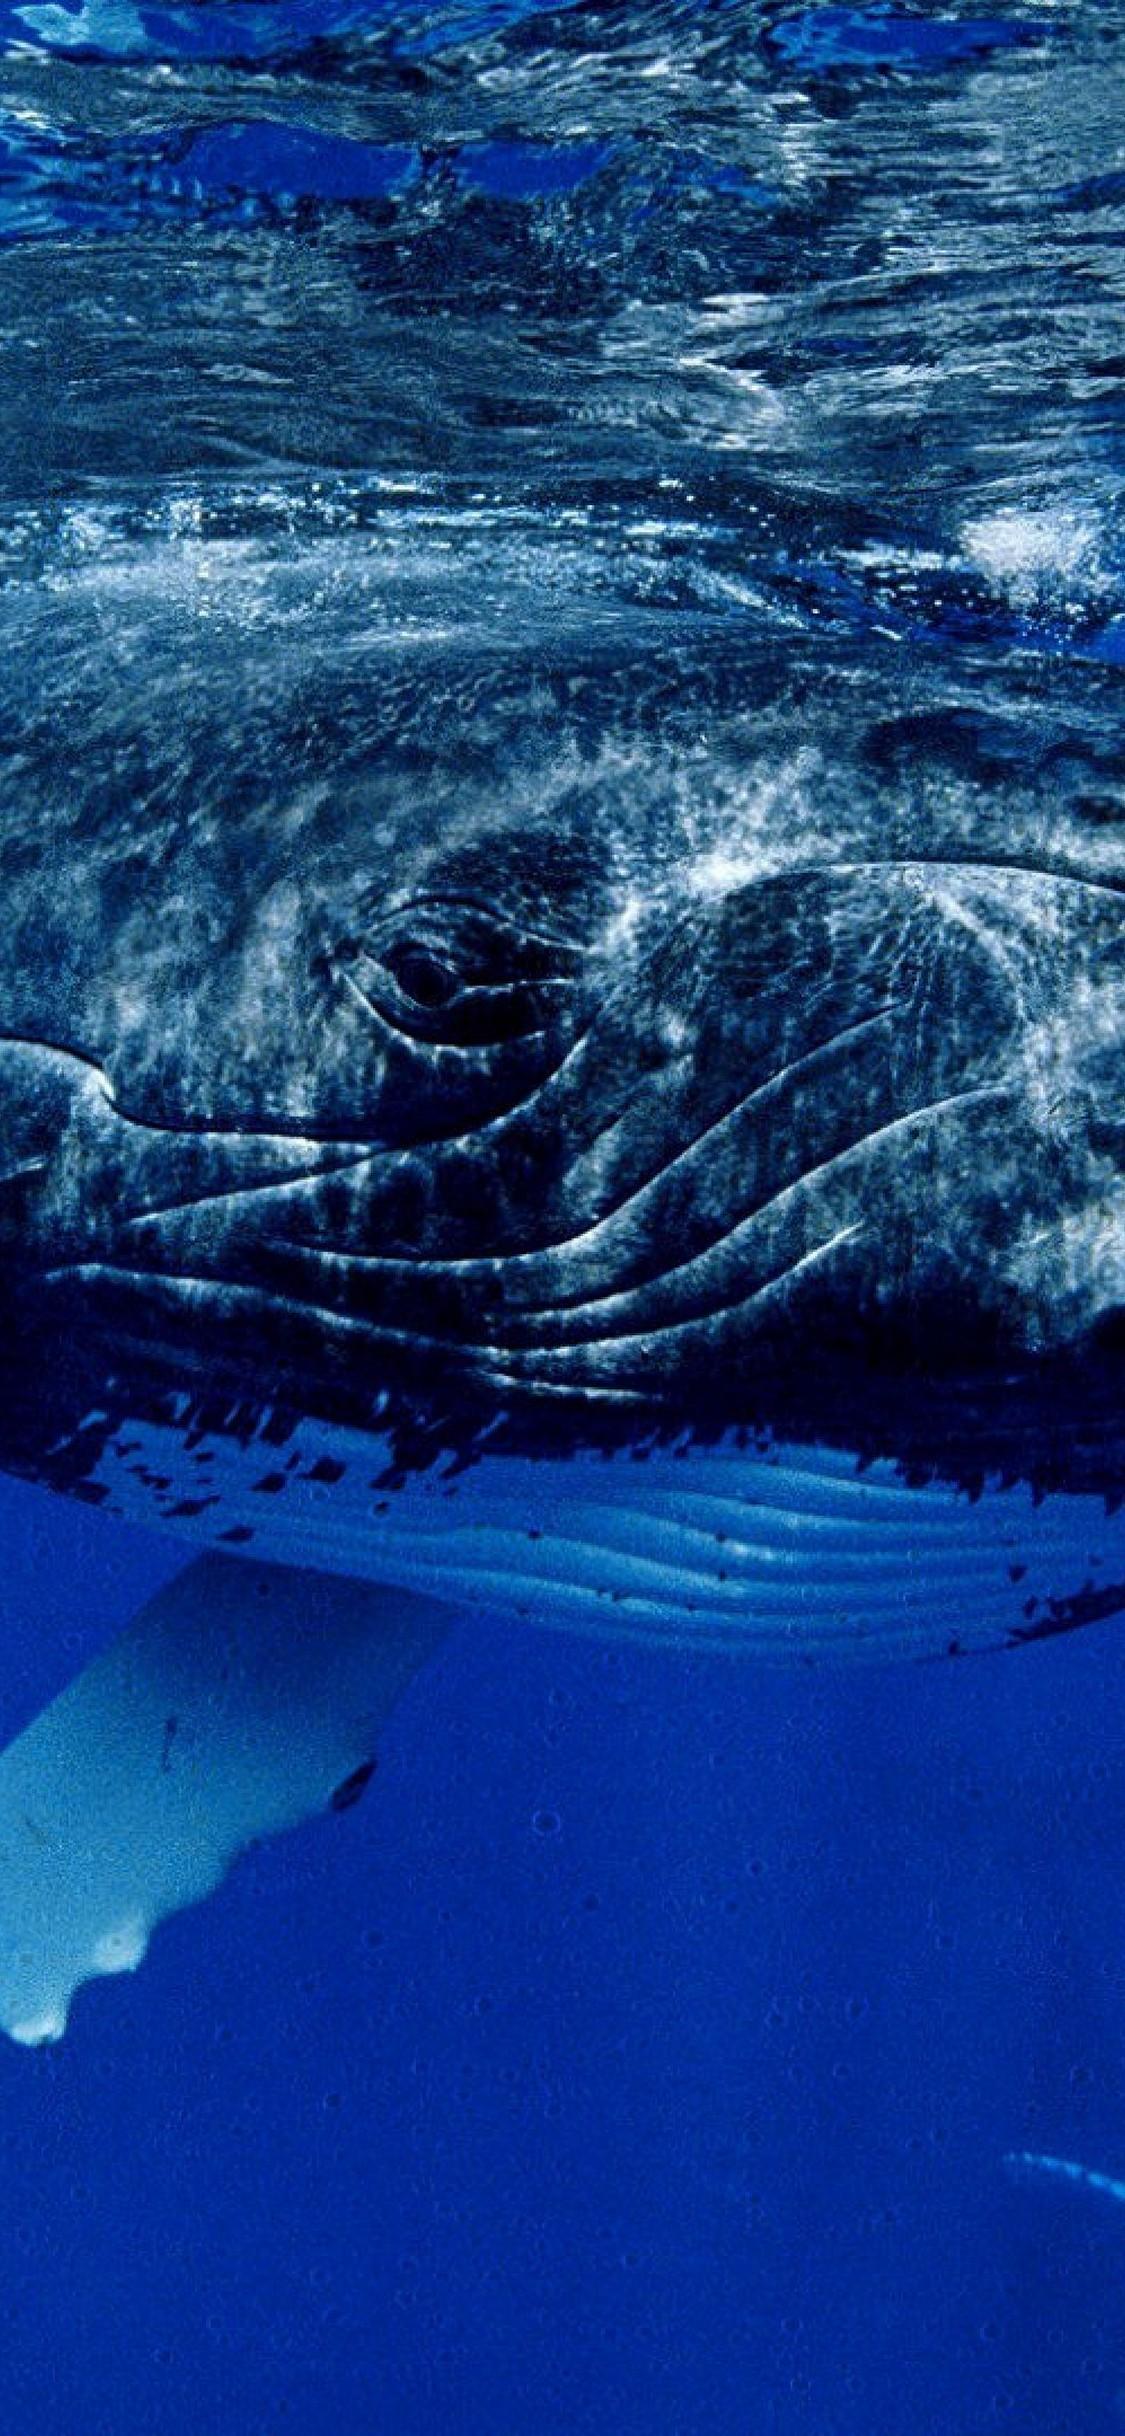 iPhone wallpaper sea whale Fonds d'écran iPhone du 08/08/2018